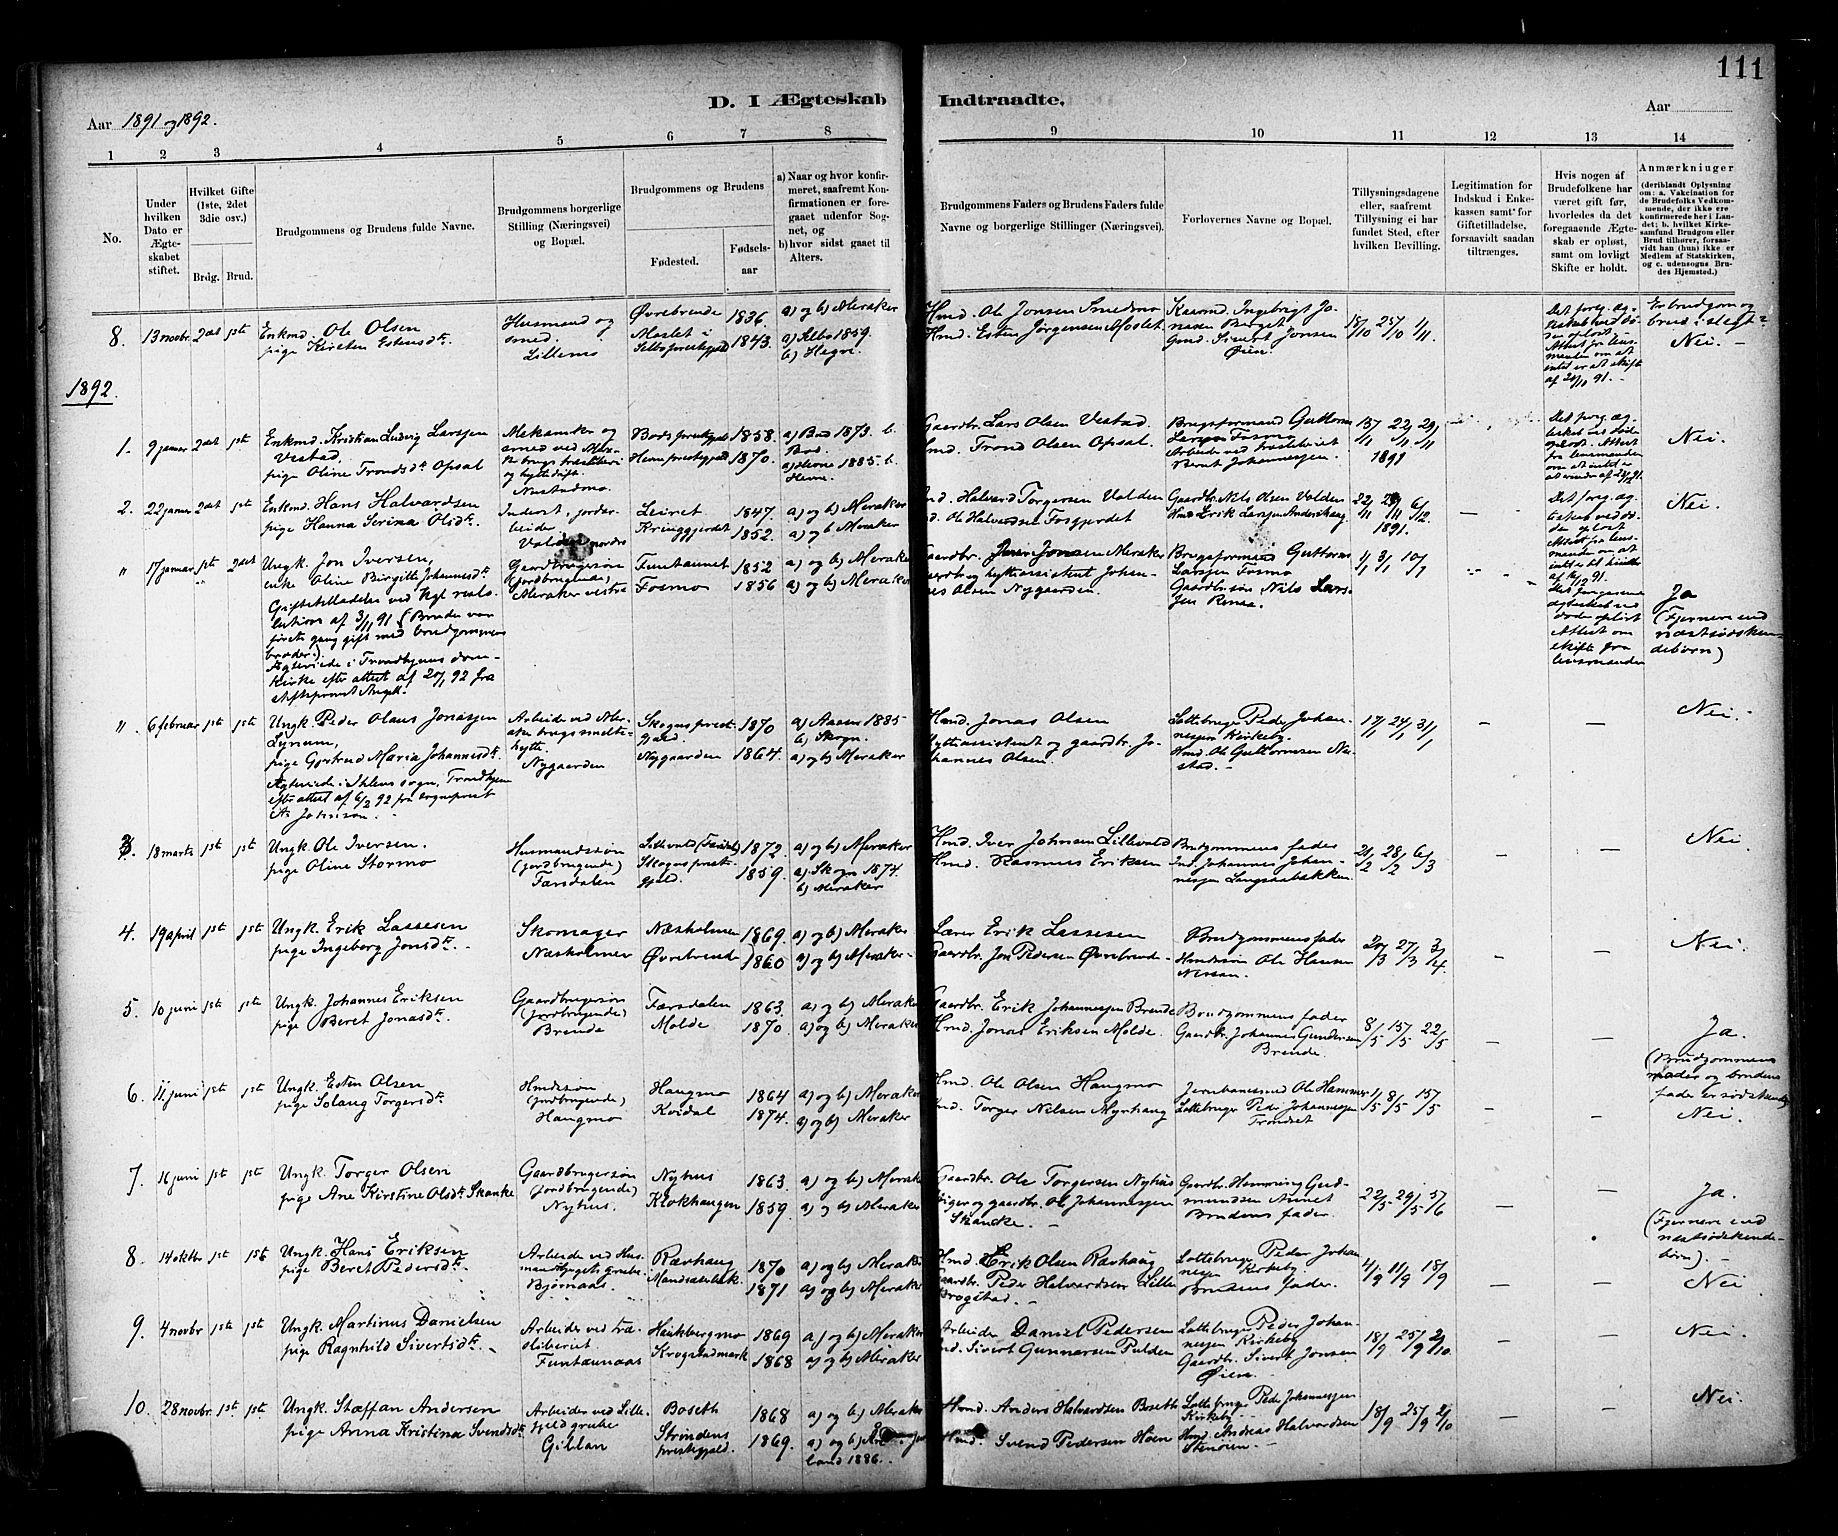 SAT, Ministerialprotokoller, klokkerbøker og fødselsregistre - Nord-Trøndelag, 706/L0047: Ministerialbok nr. 706A03, 1878-1892, s. 111